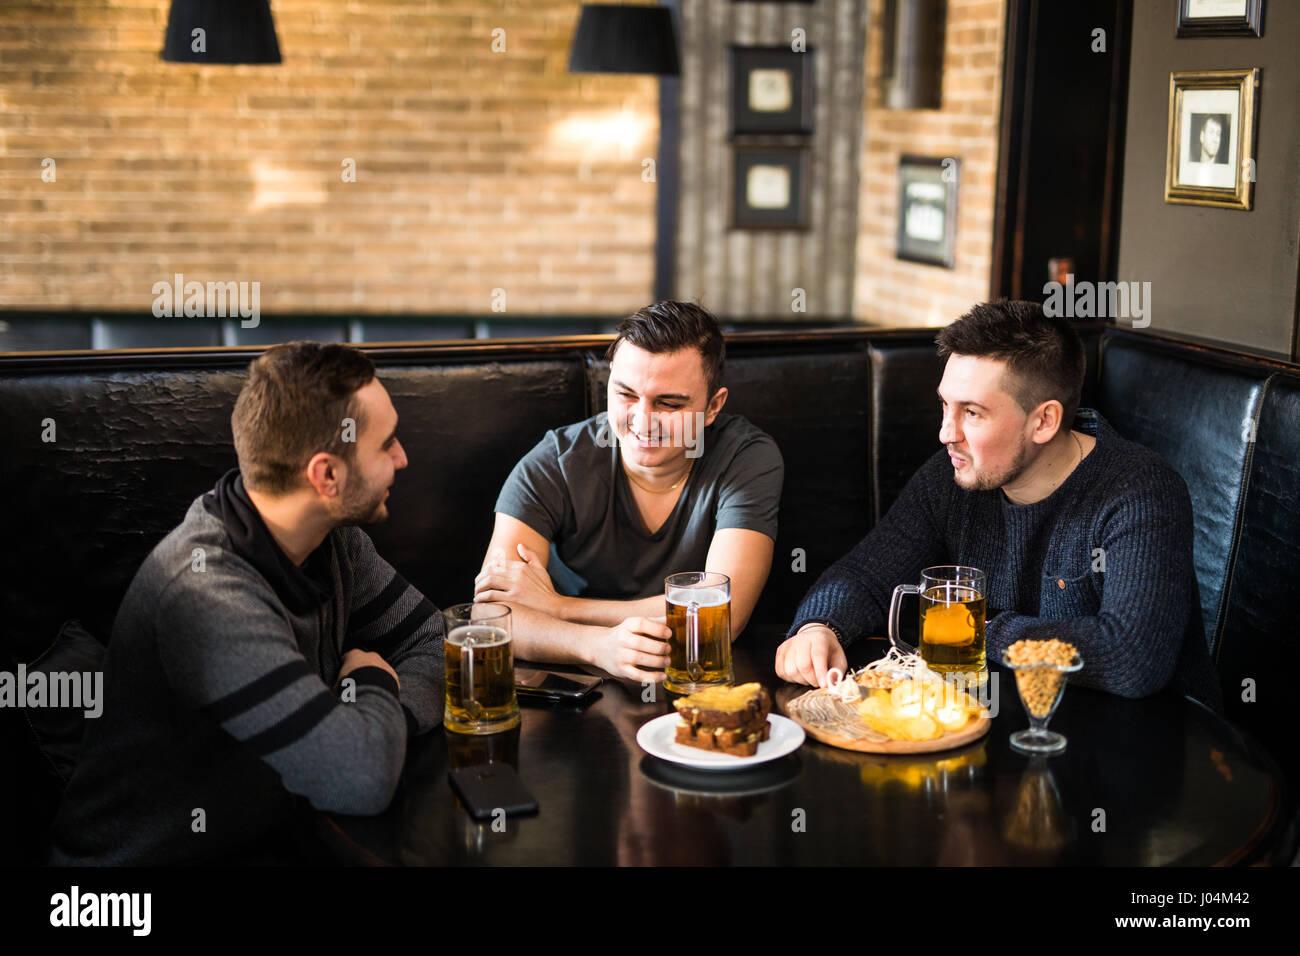 Drei freunde treffen sich in einer kneipe [PUNIQRANDLINE-(au-dating-names.txt) 54